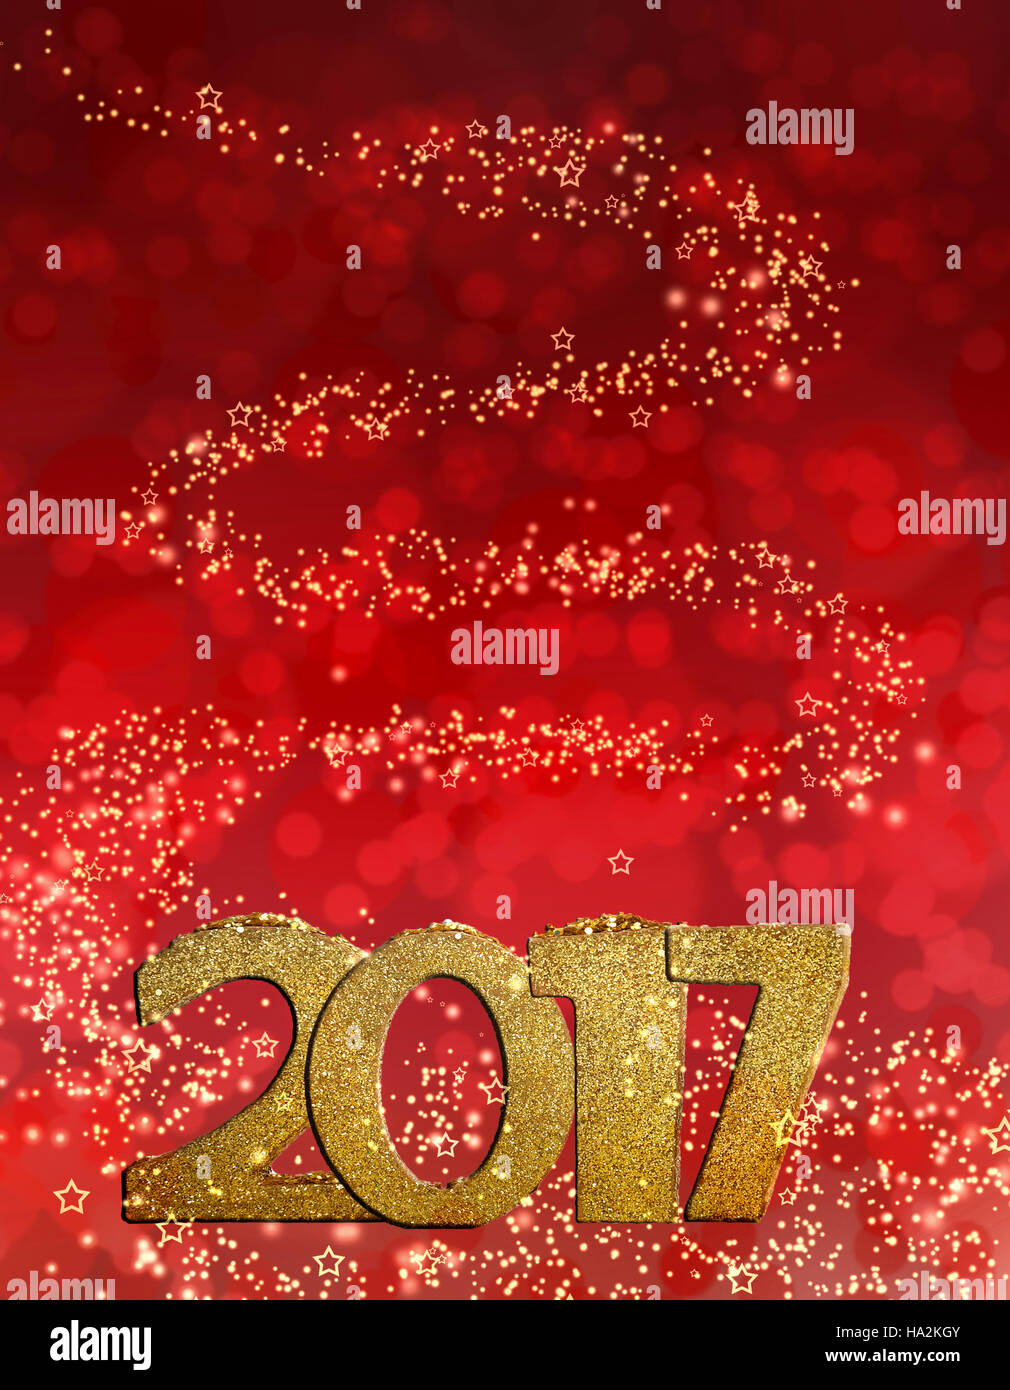 goldenen Figuren 2017 auf hellen Lichtern Hintergrund Stockbild